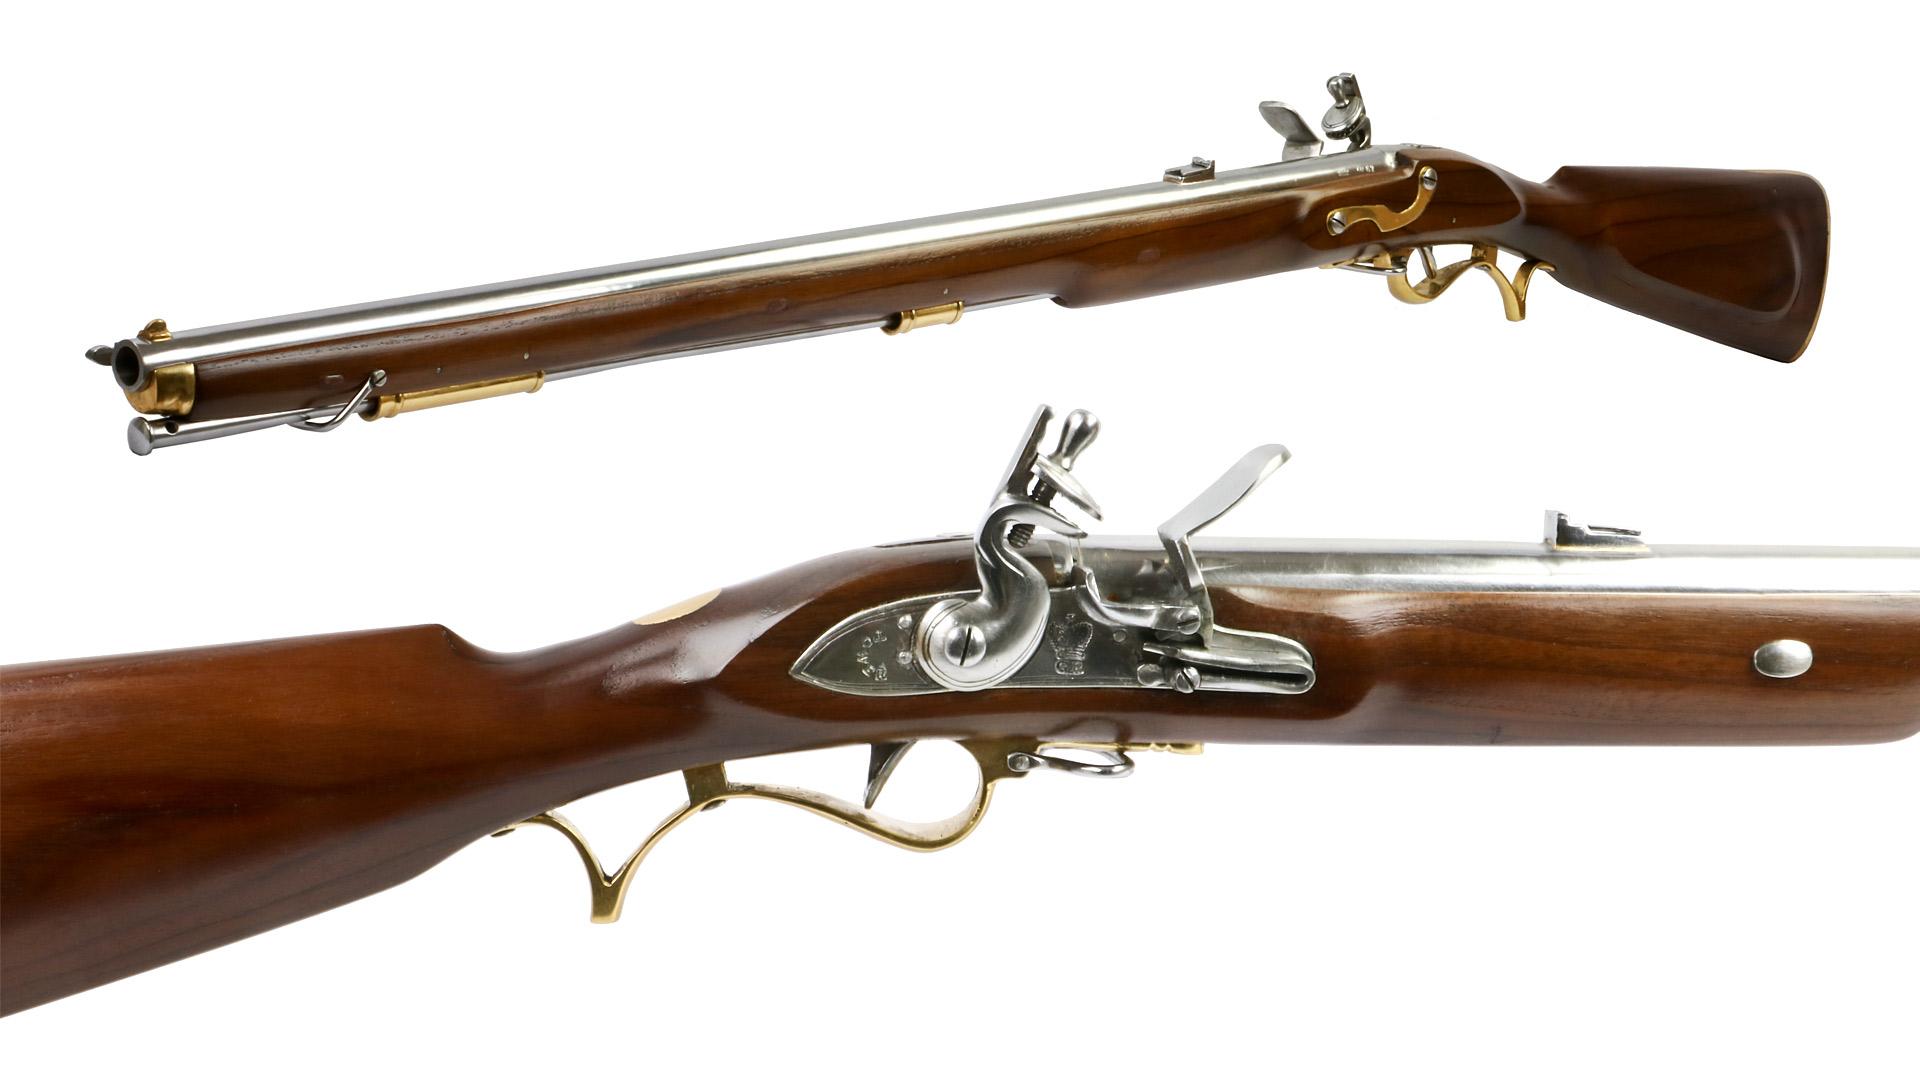 Vorderlader Steinschlossgewehr 1806 Baker Rifle Infantry Muske...